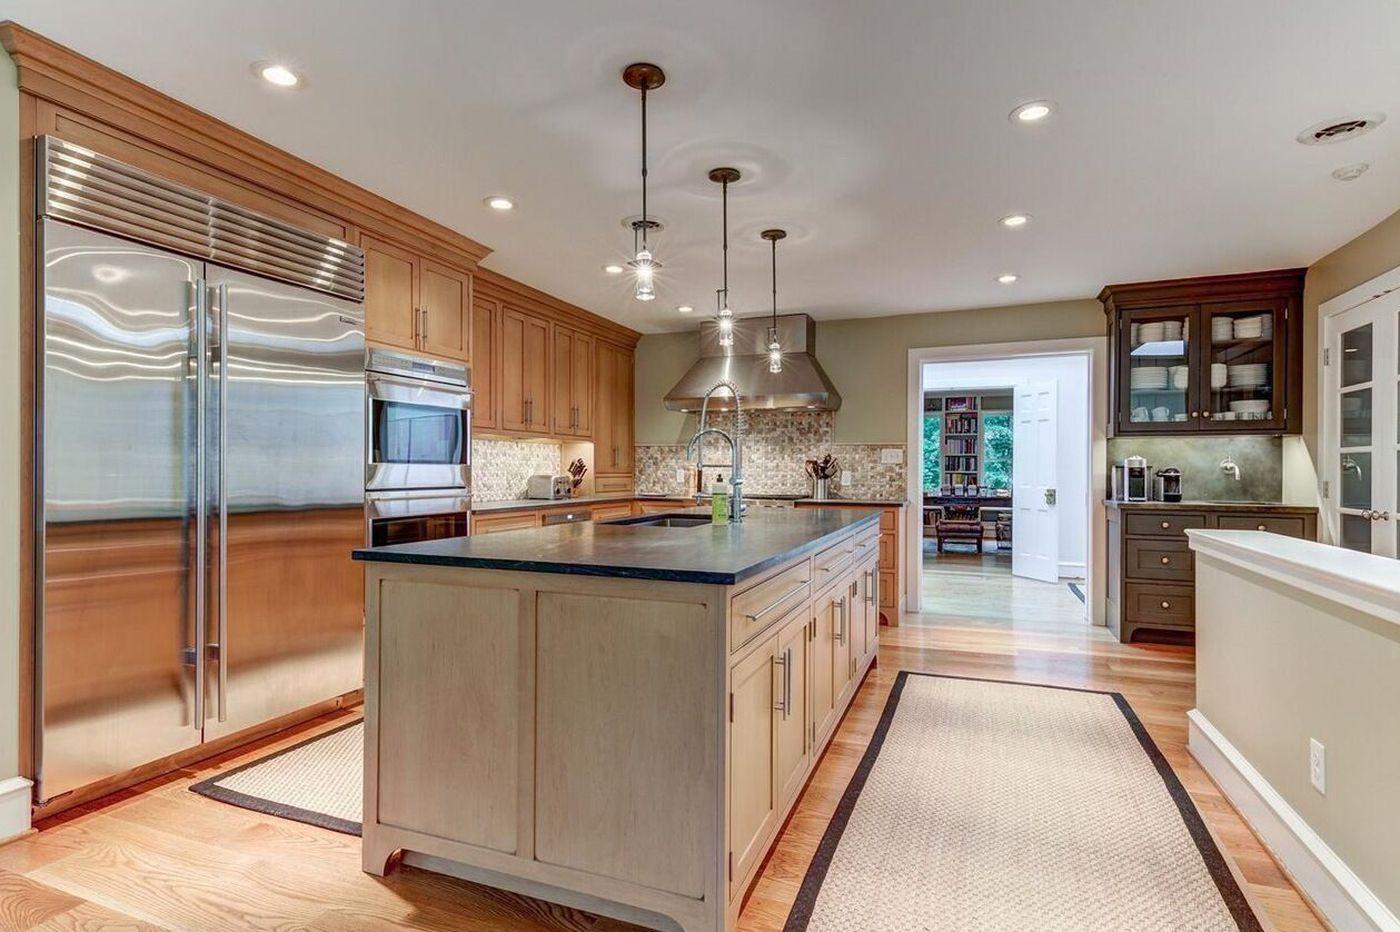 Three suburban Philadelphia kitchens that make holiday baking a breeze